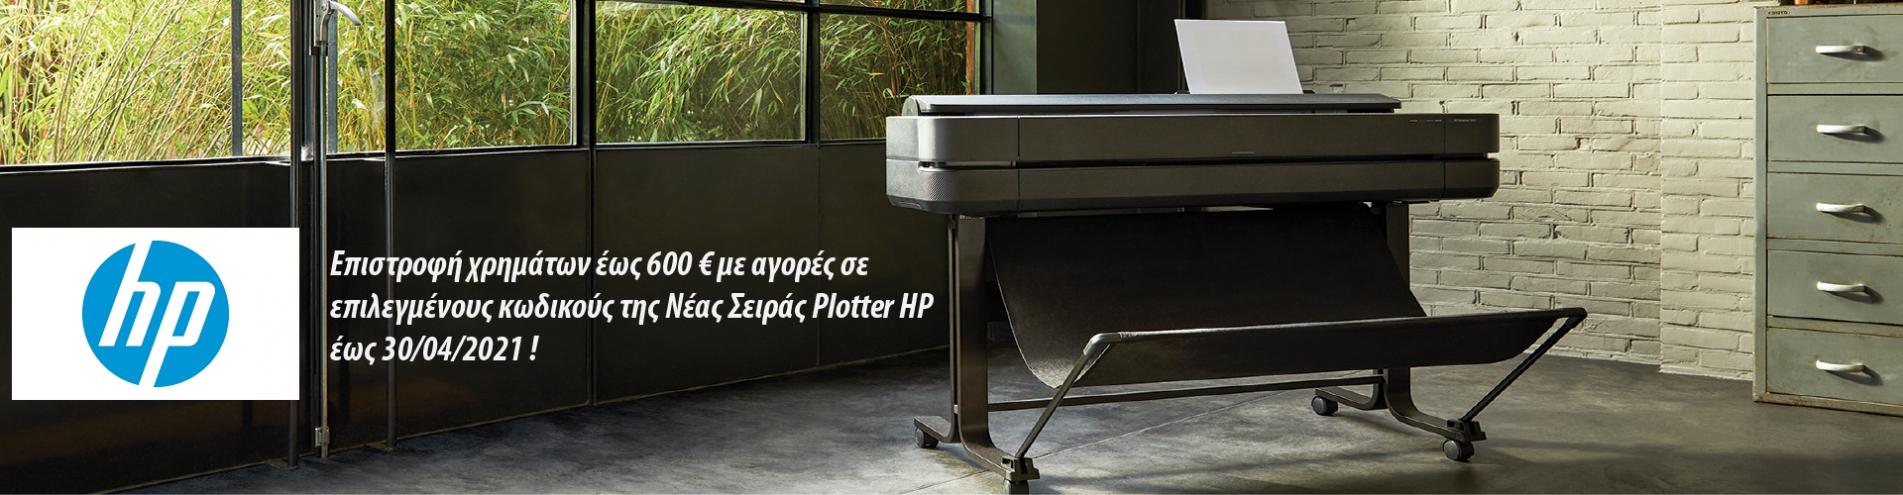 Επιστροφή νέα σειρά plotter HP